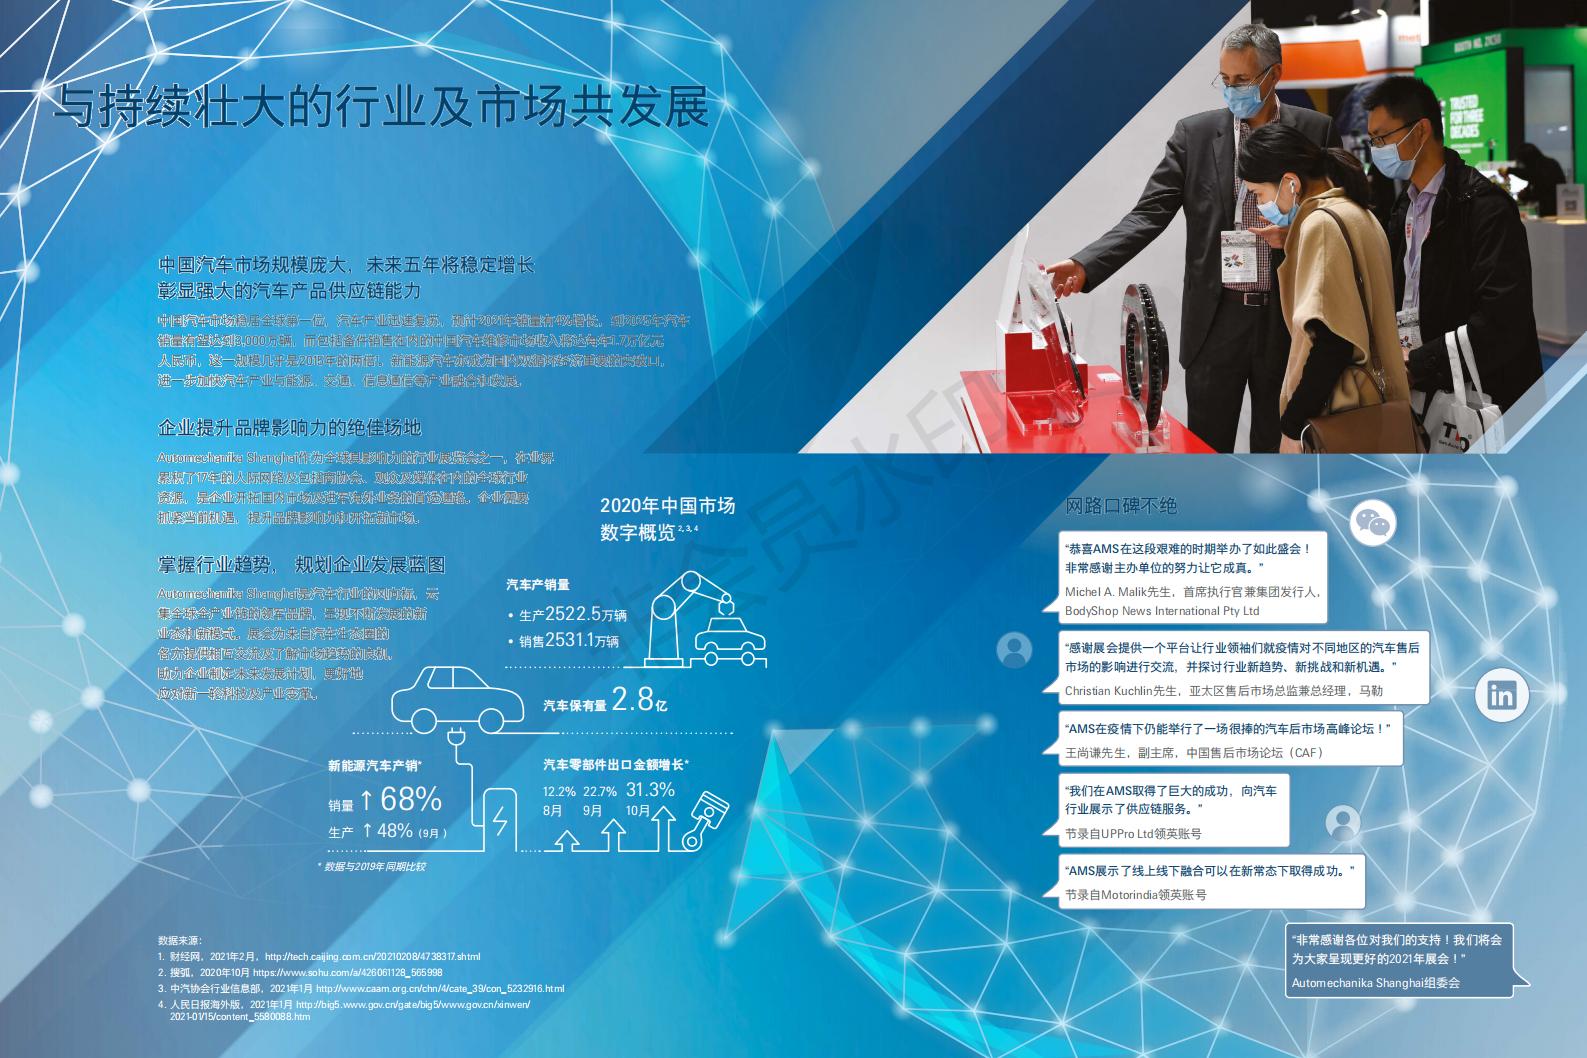 上海国际汽车零配件维修检测诊断设备及服务用品展览会Automechanika Shanghai